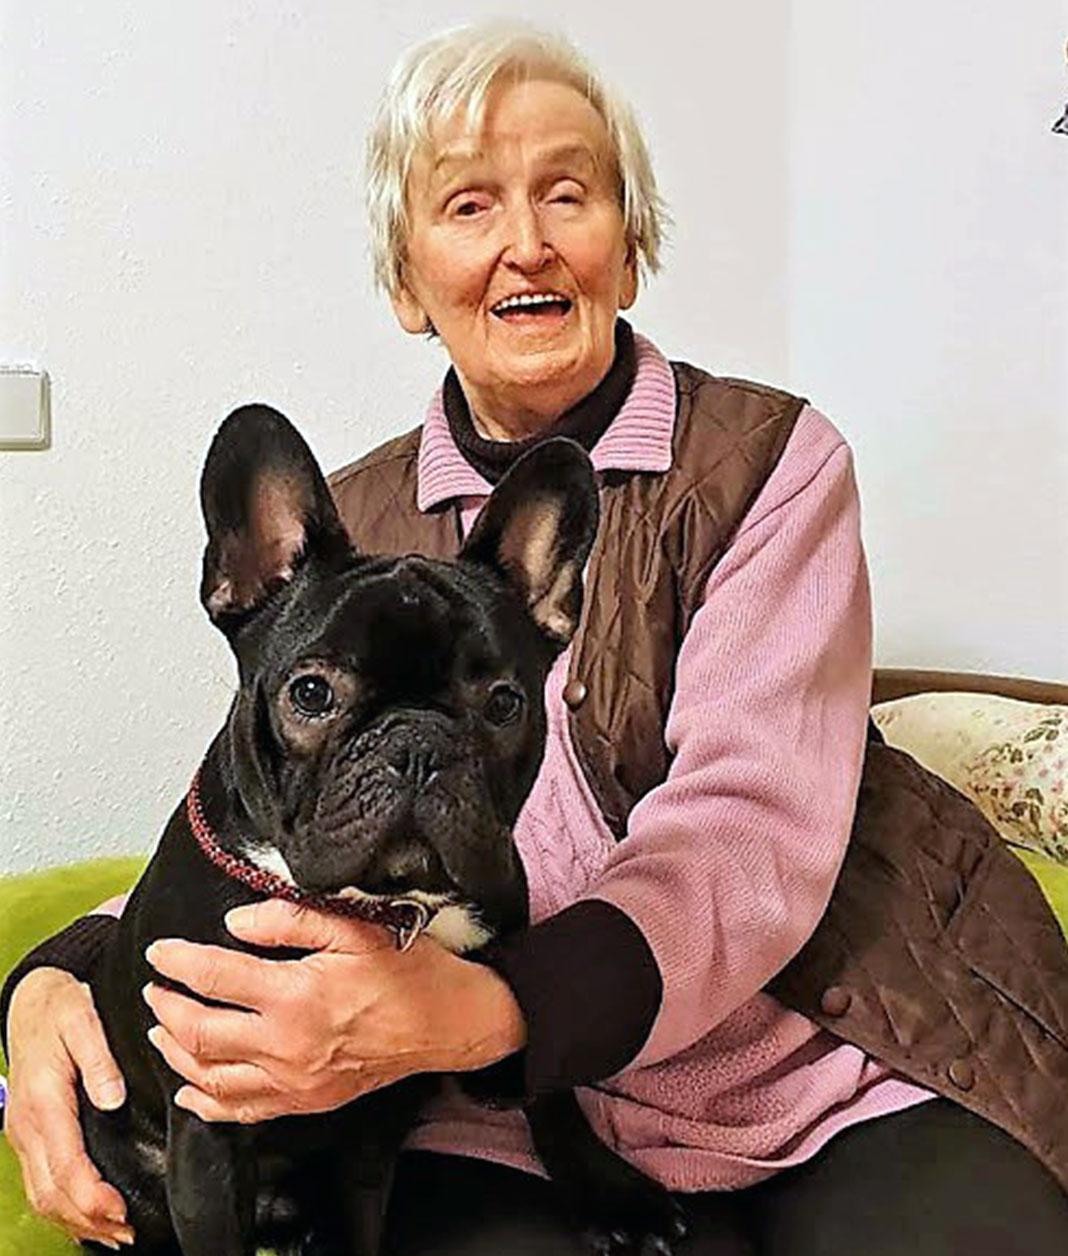 Mitbewohner hält einen Hund im Arm